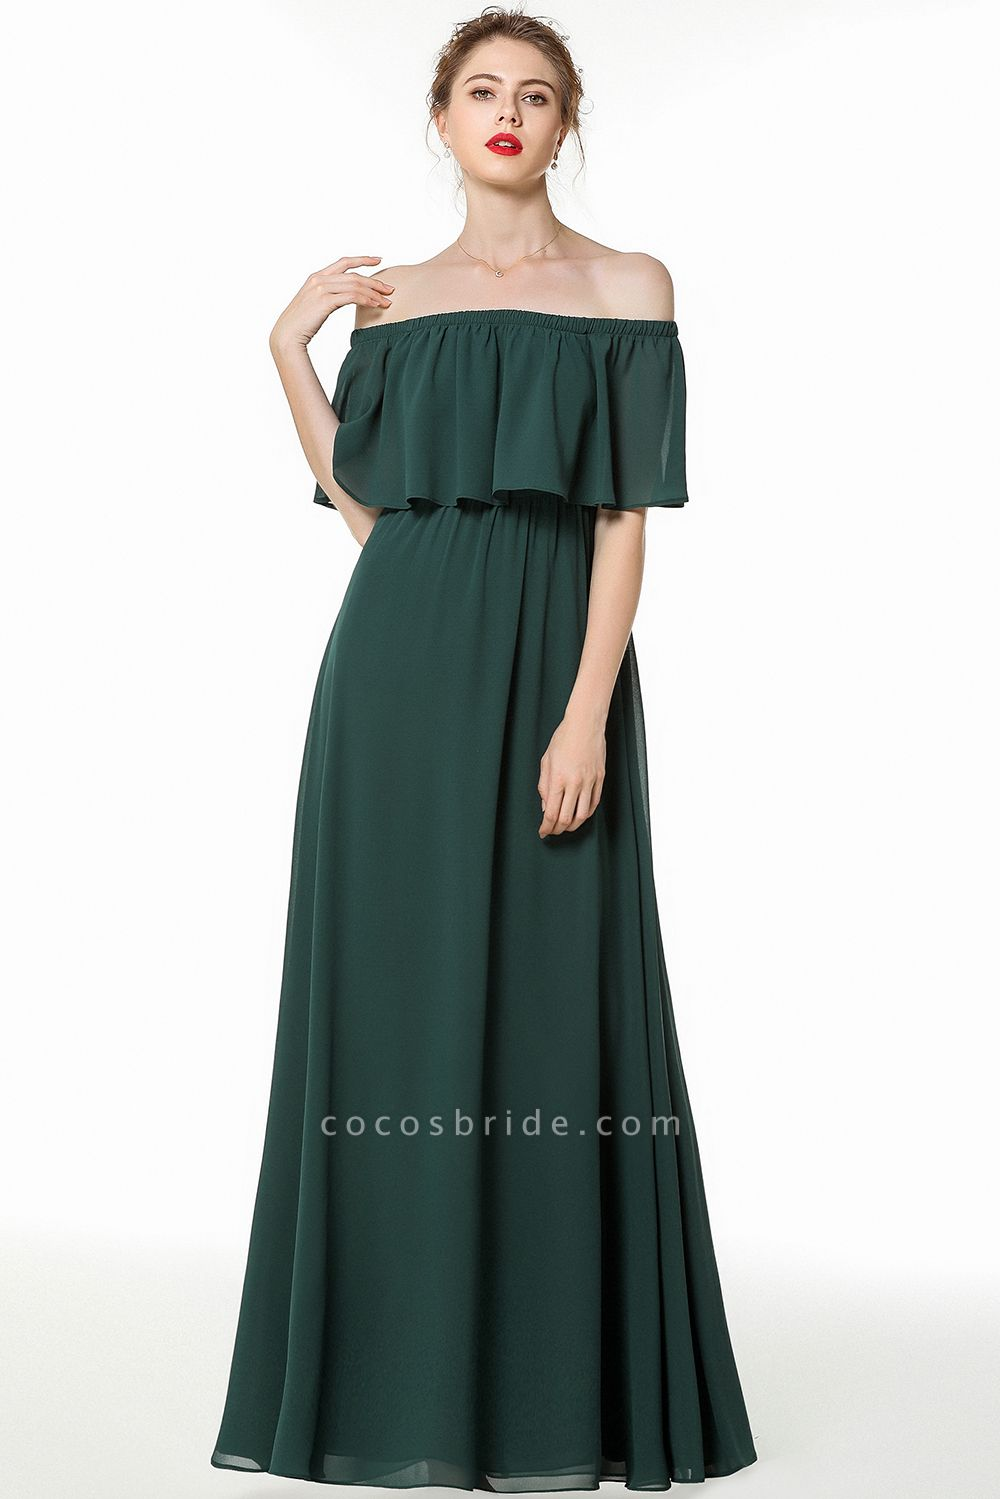 BM0827 Simple Off The Shoulder A-Line Long Bridesmaid Dress